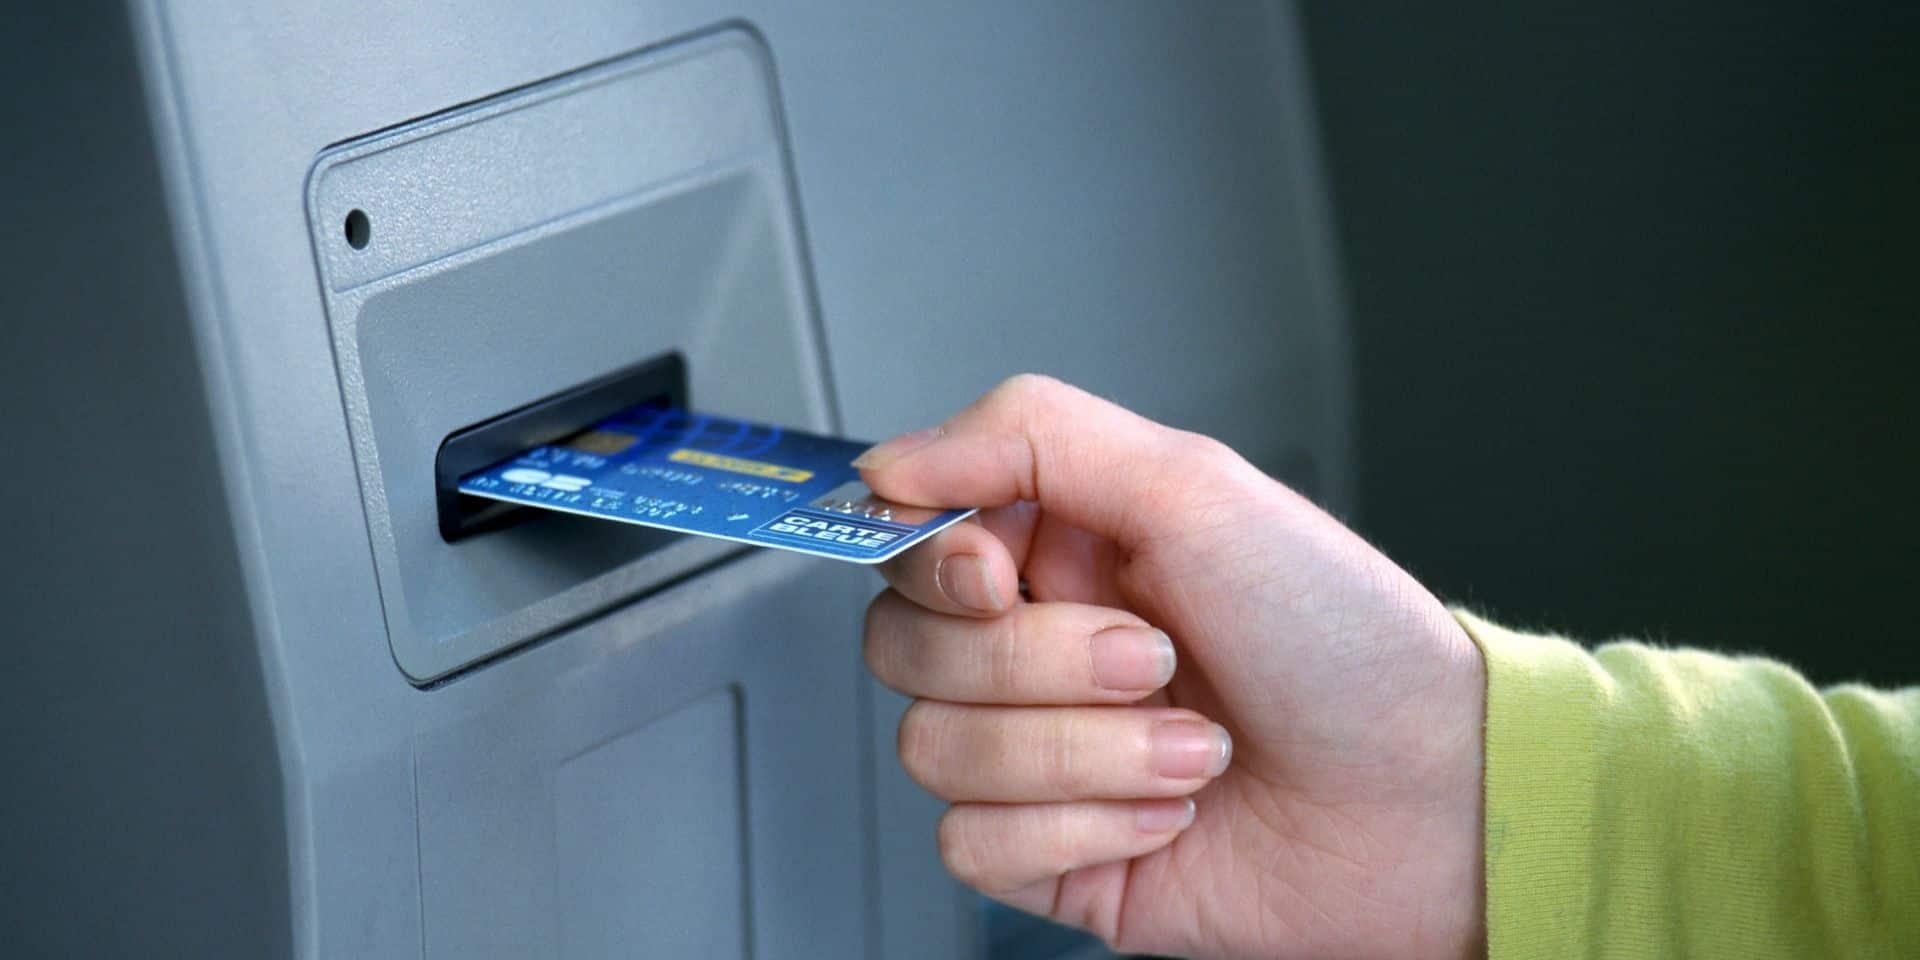 Flobecq: sa carte de banque volée, plusieurs retraits effectués